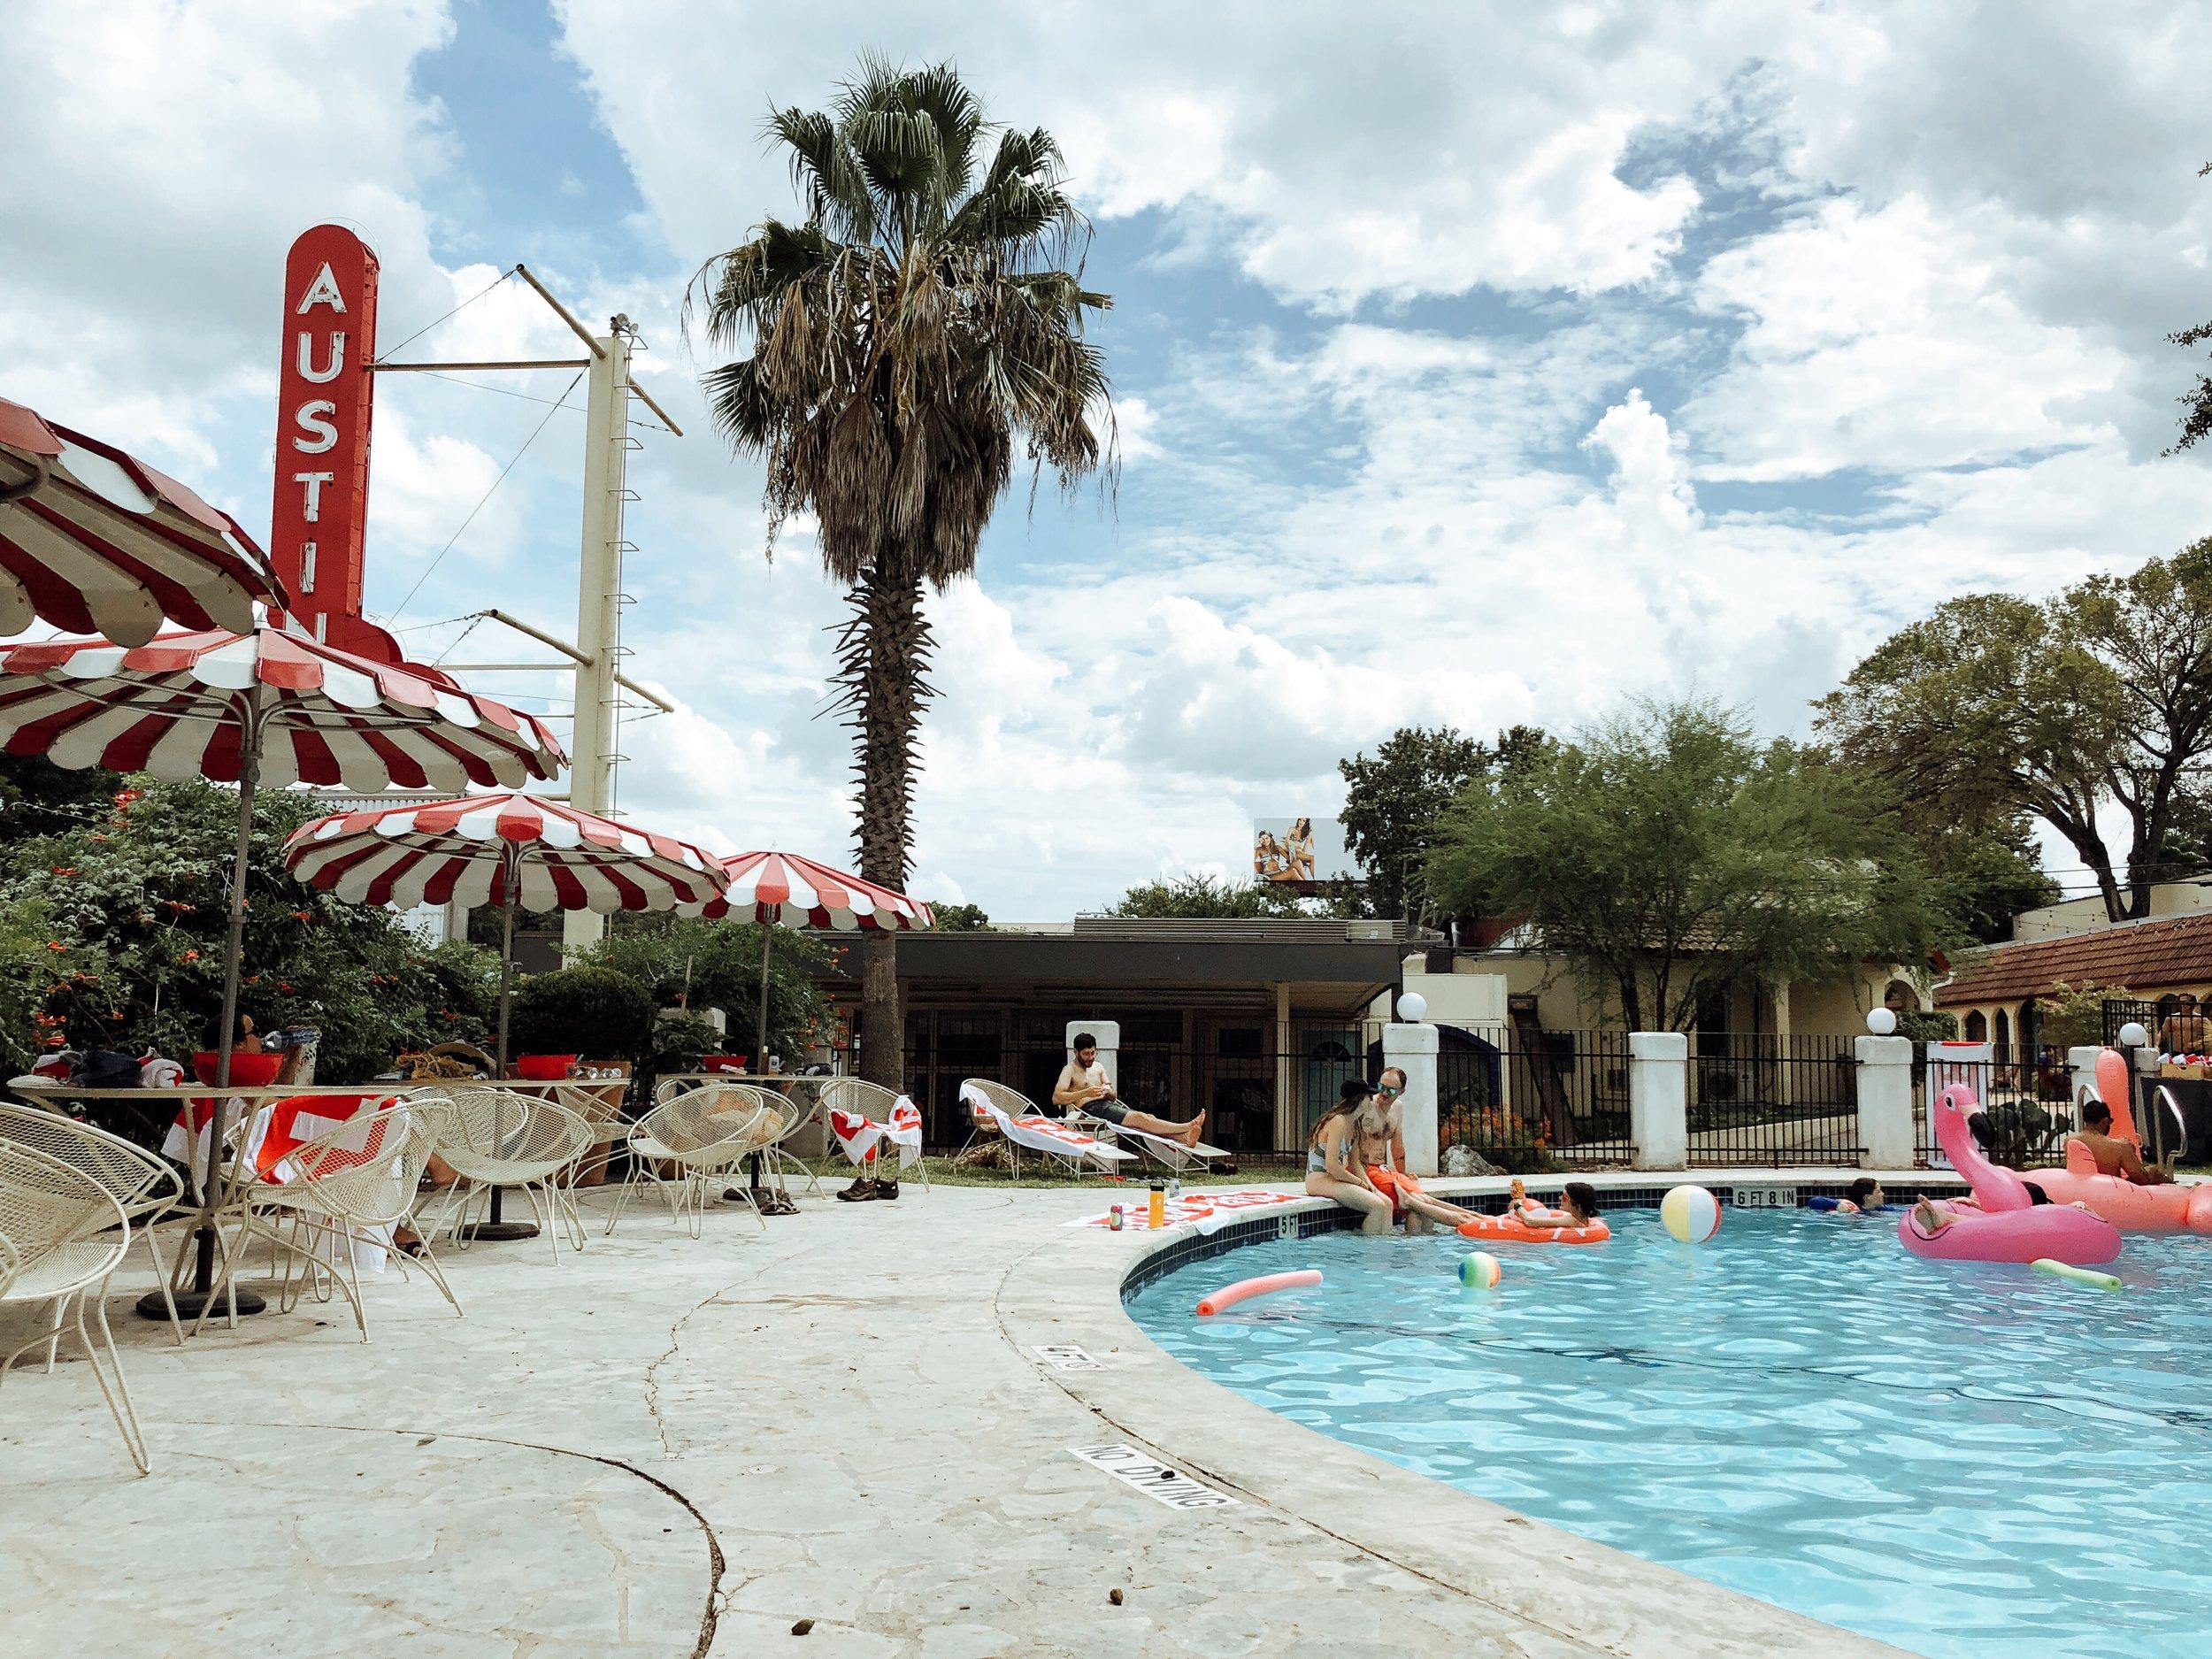 austin-motel-pool-area.JPG